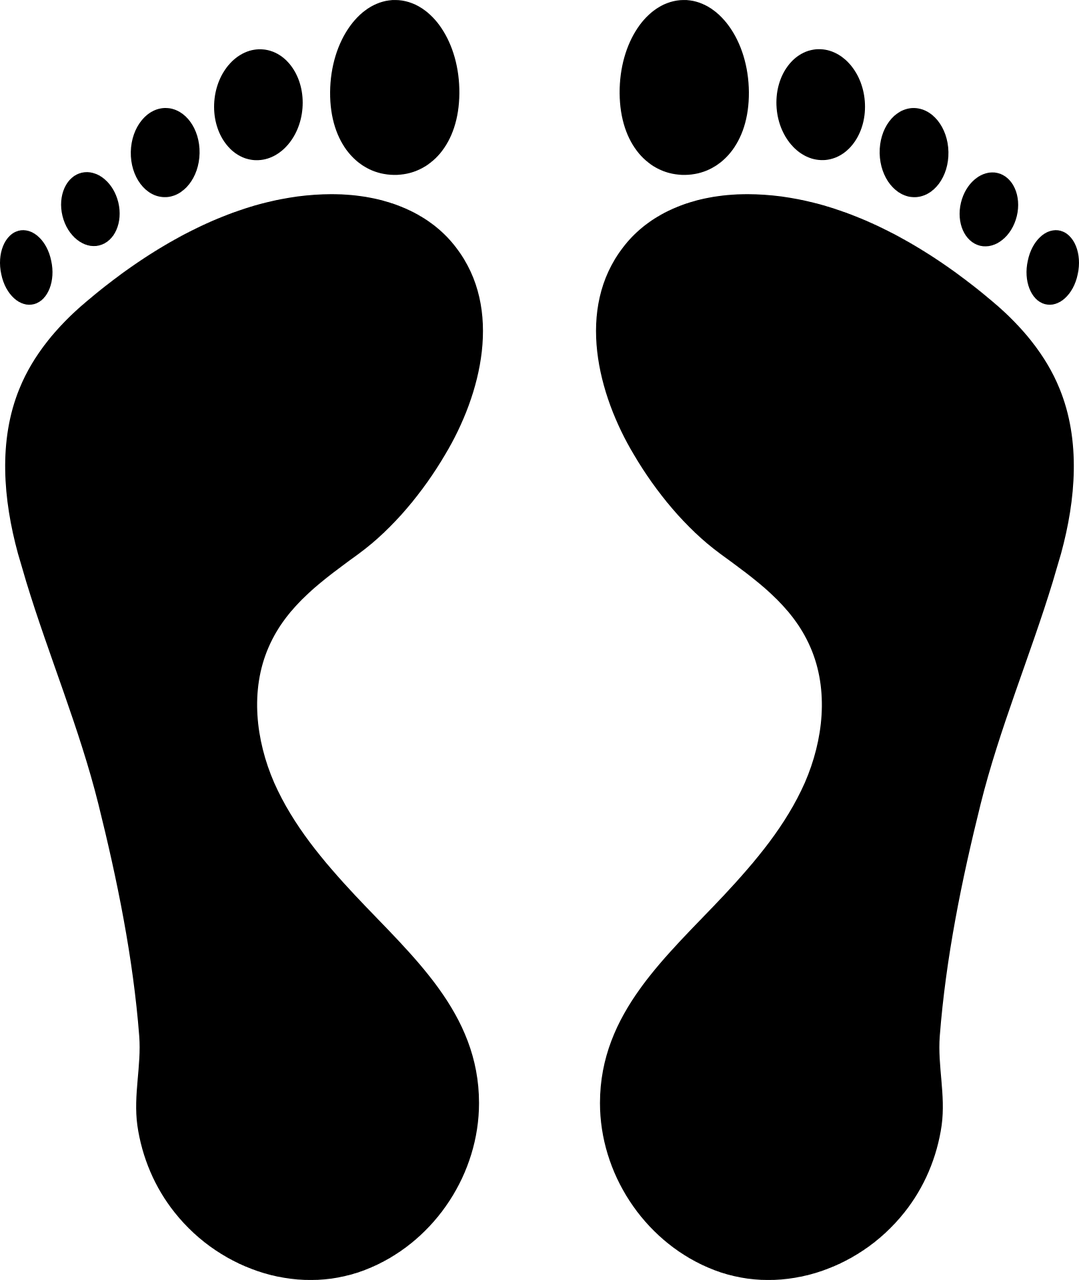 ציור של כף רגל